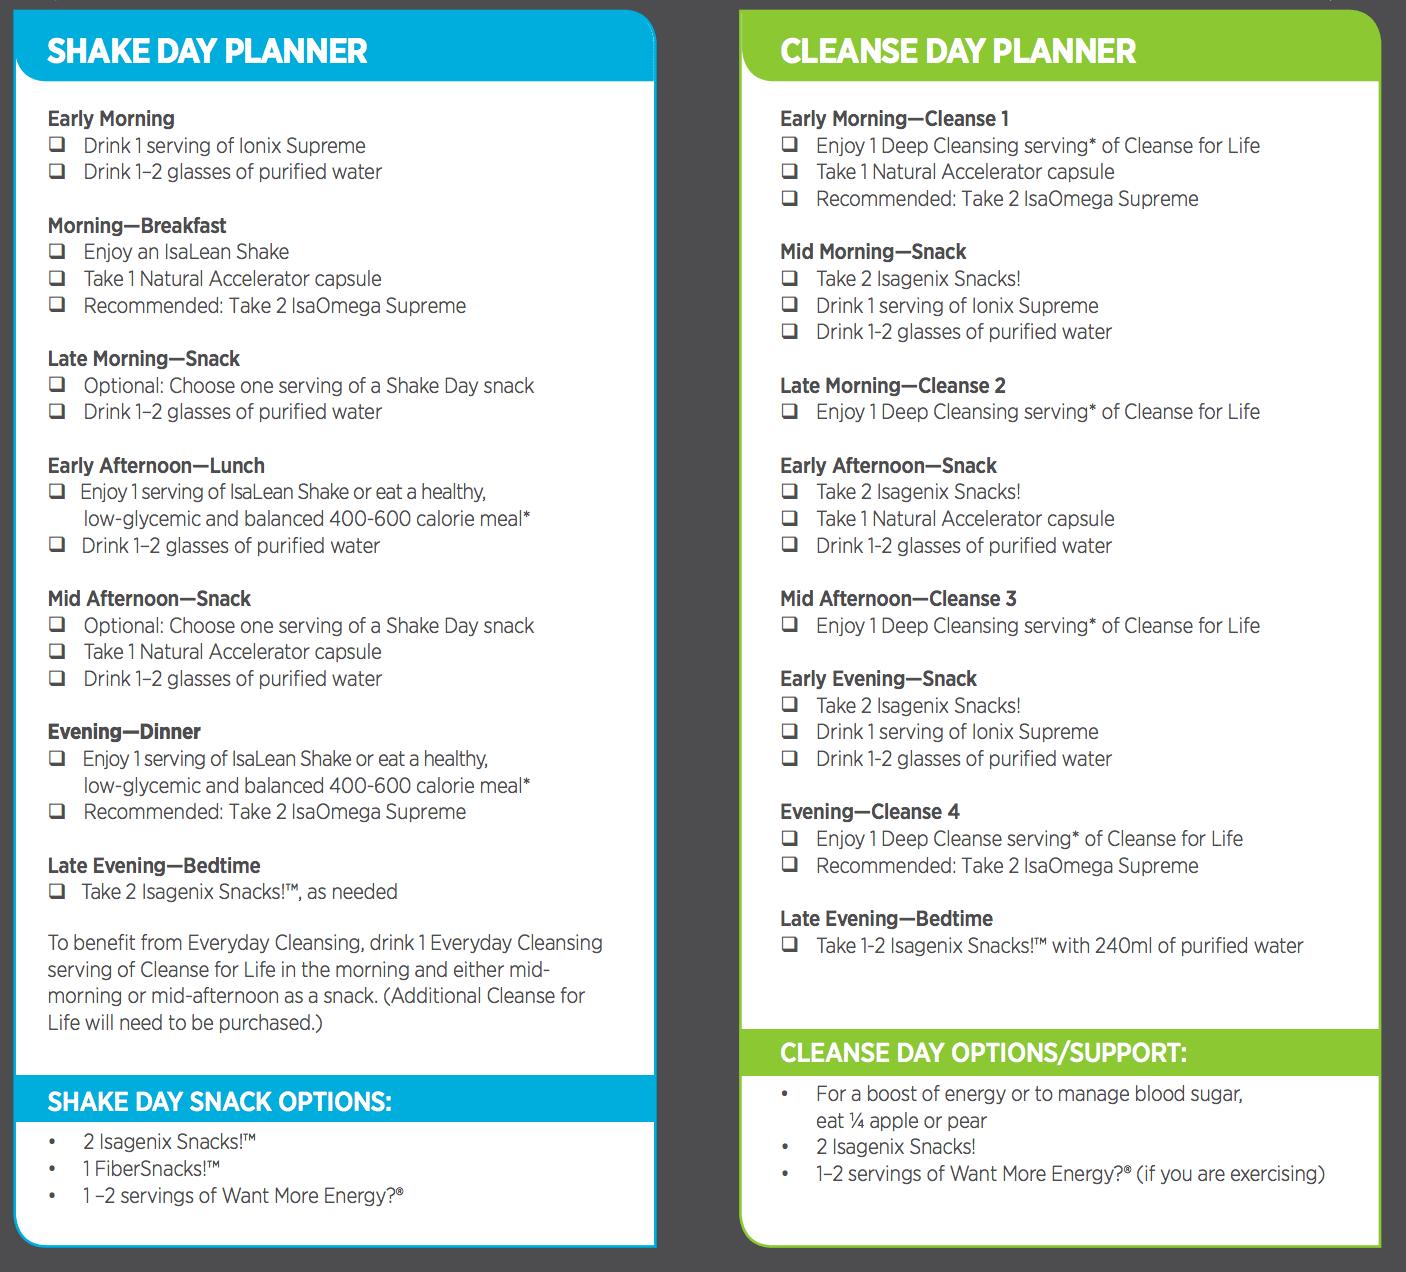 Vimpat Schedule Drug: Isagenix Shake And Cleanse Pak Schedule For Isagenix Cleanse Day Schedule Printable